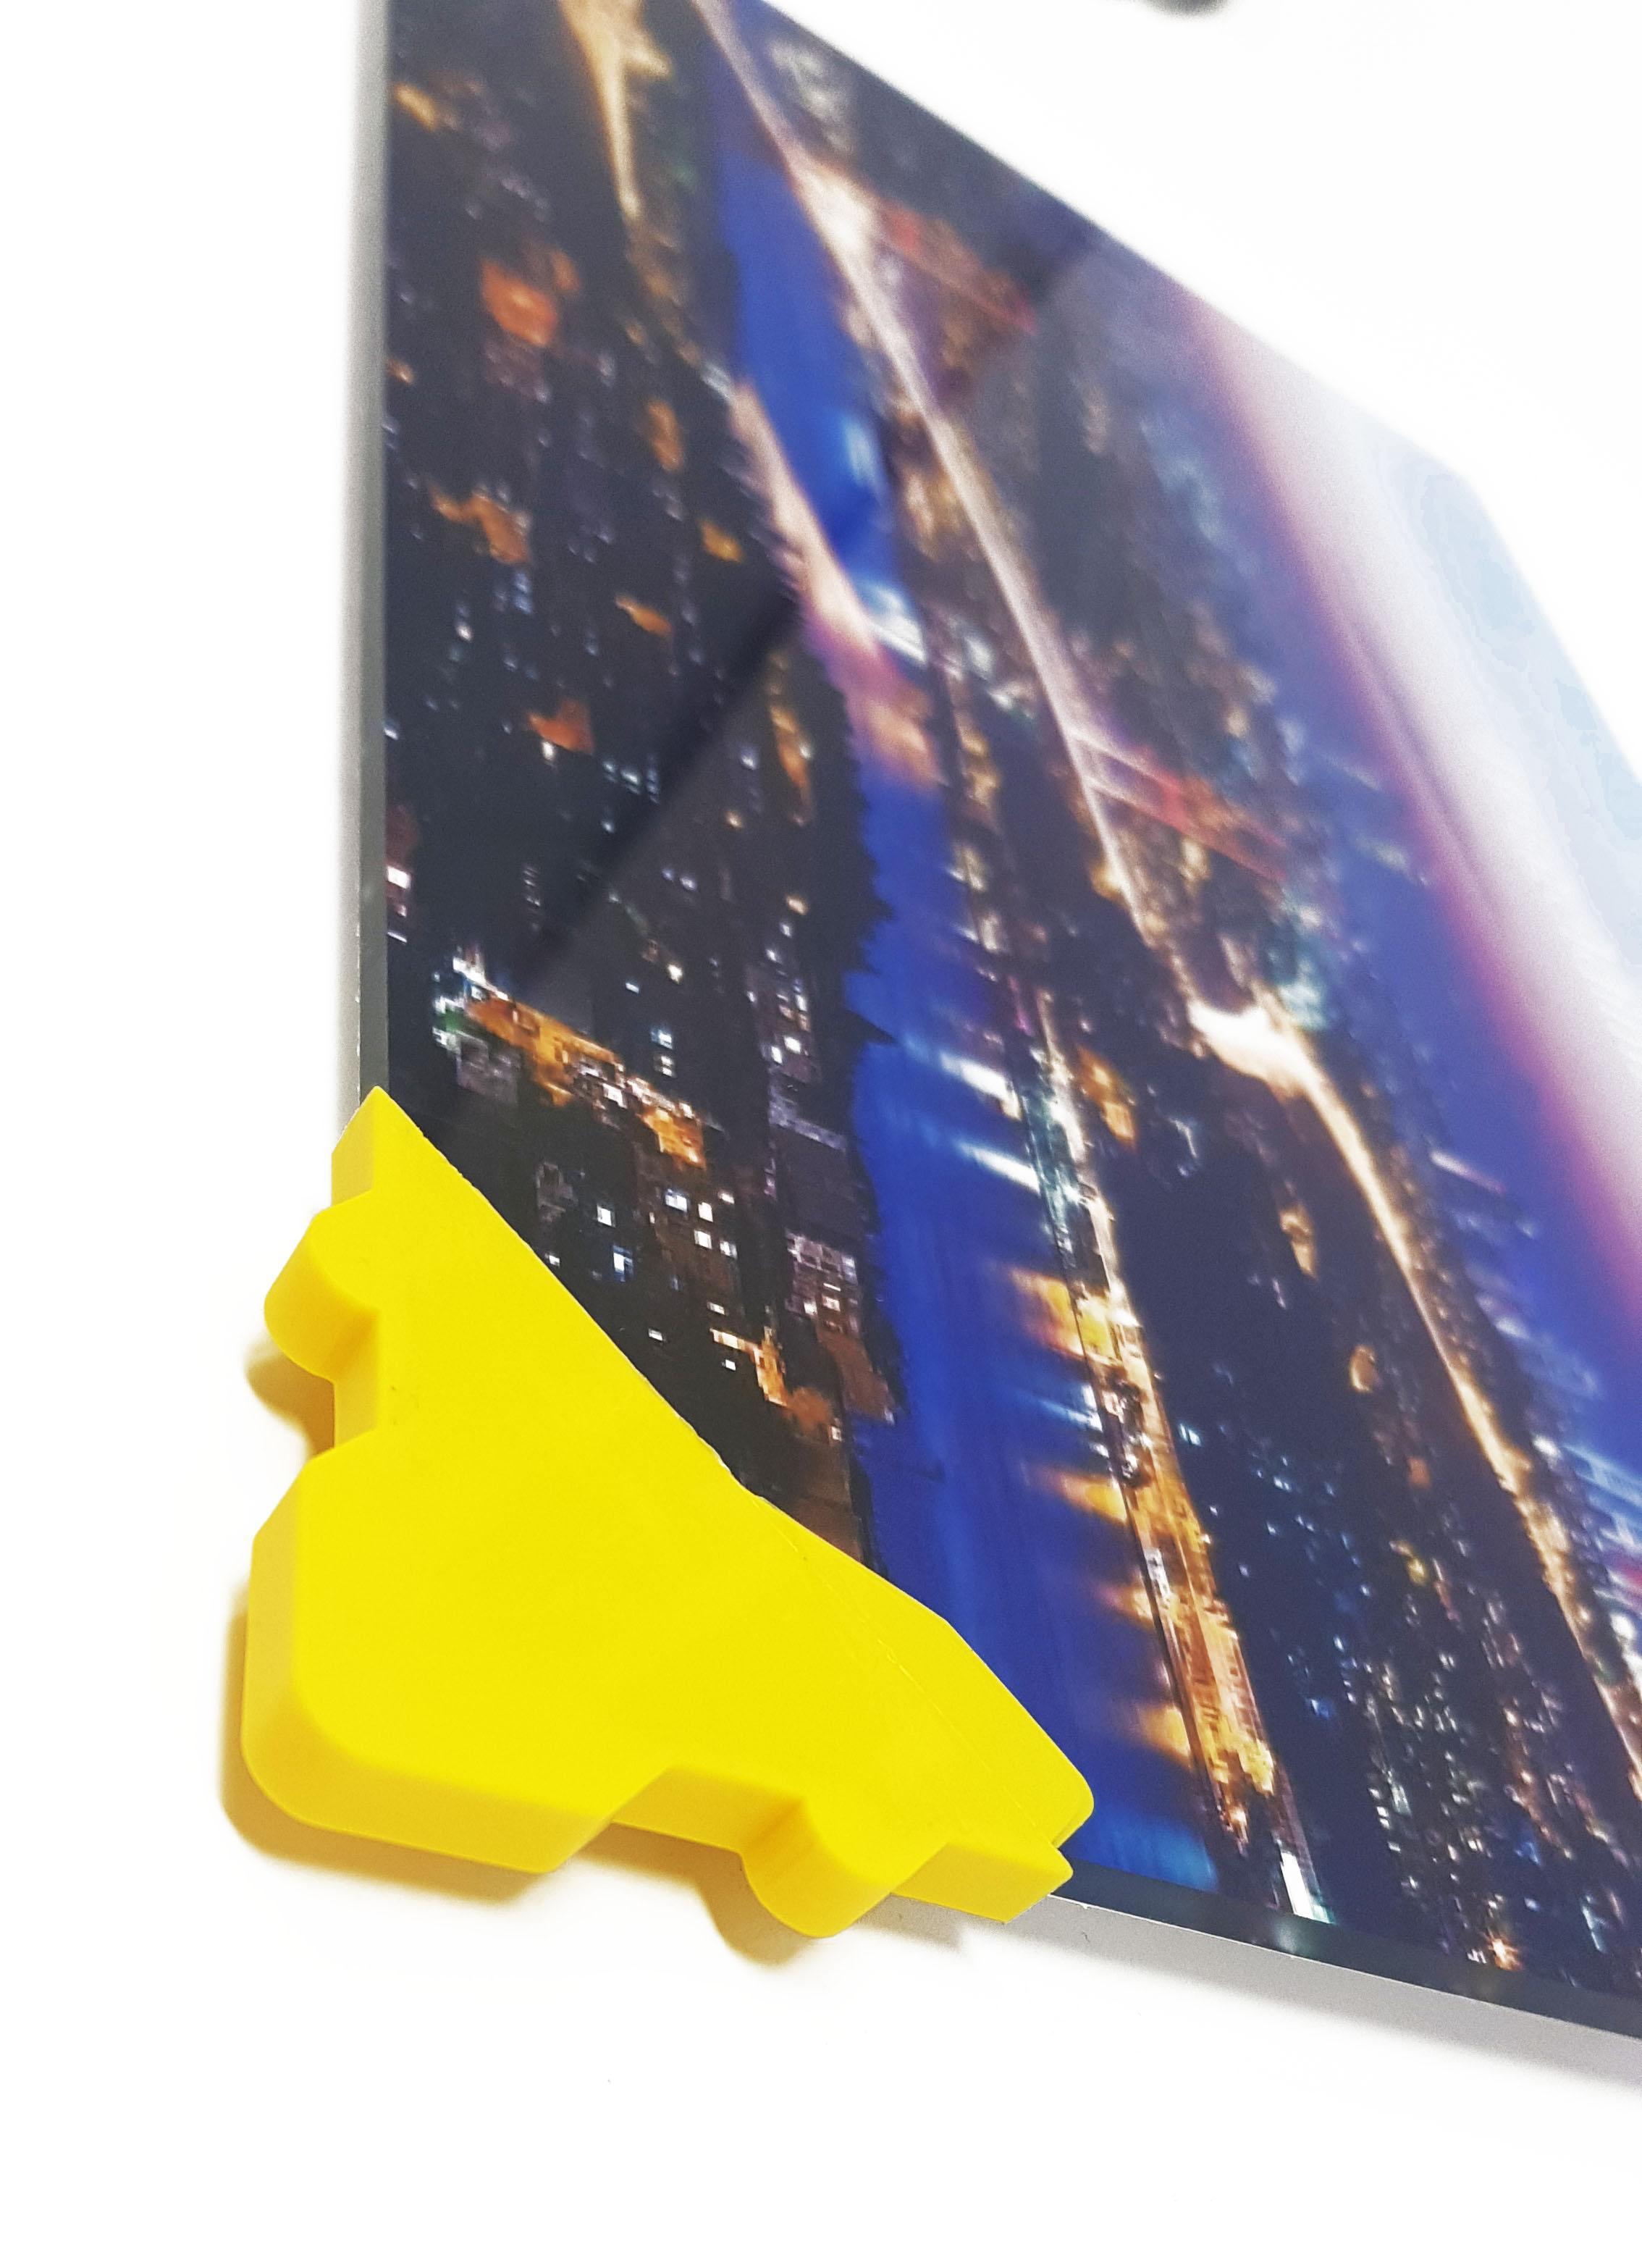 Schutzecken Transportschutz Ecken Stülpecken Eckenschutz aus PE